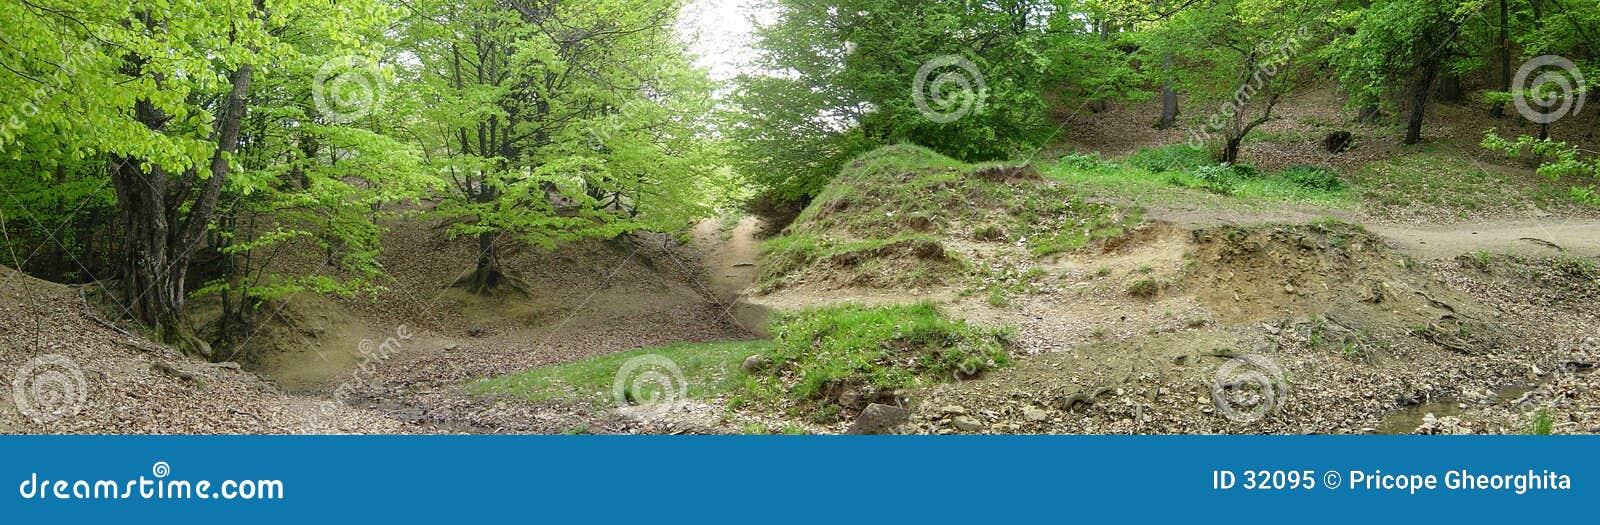 Download Panorama del bosque imagen de archivo. Imagen de madera - 32095